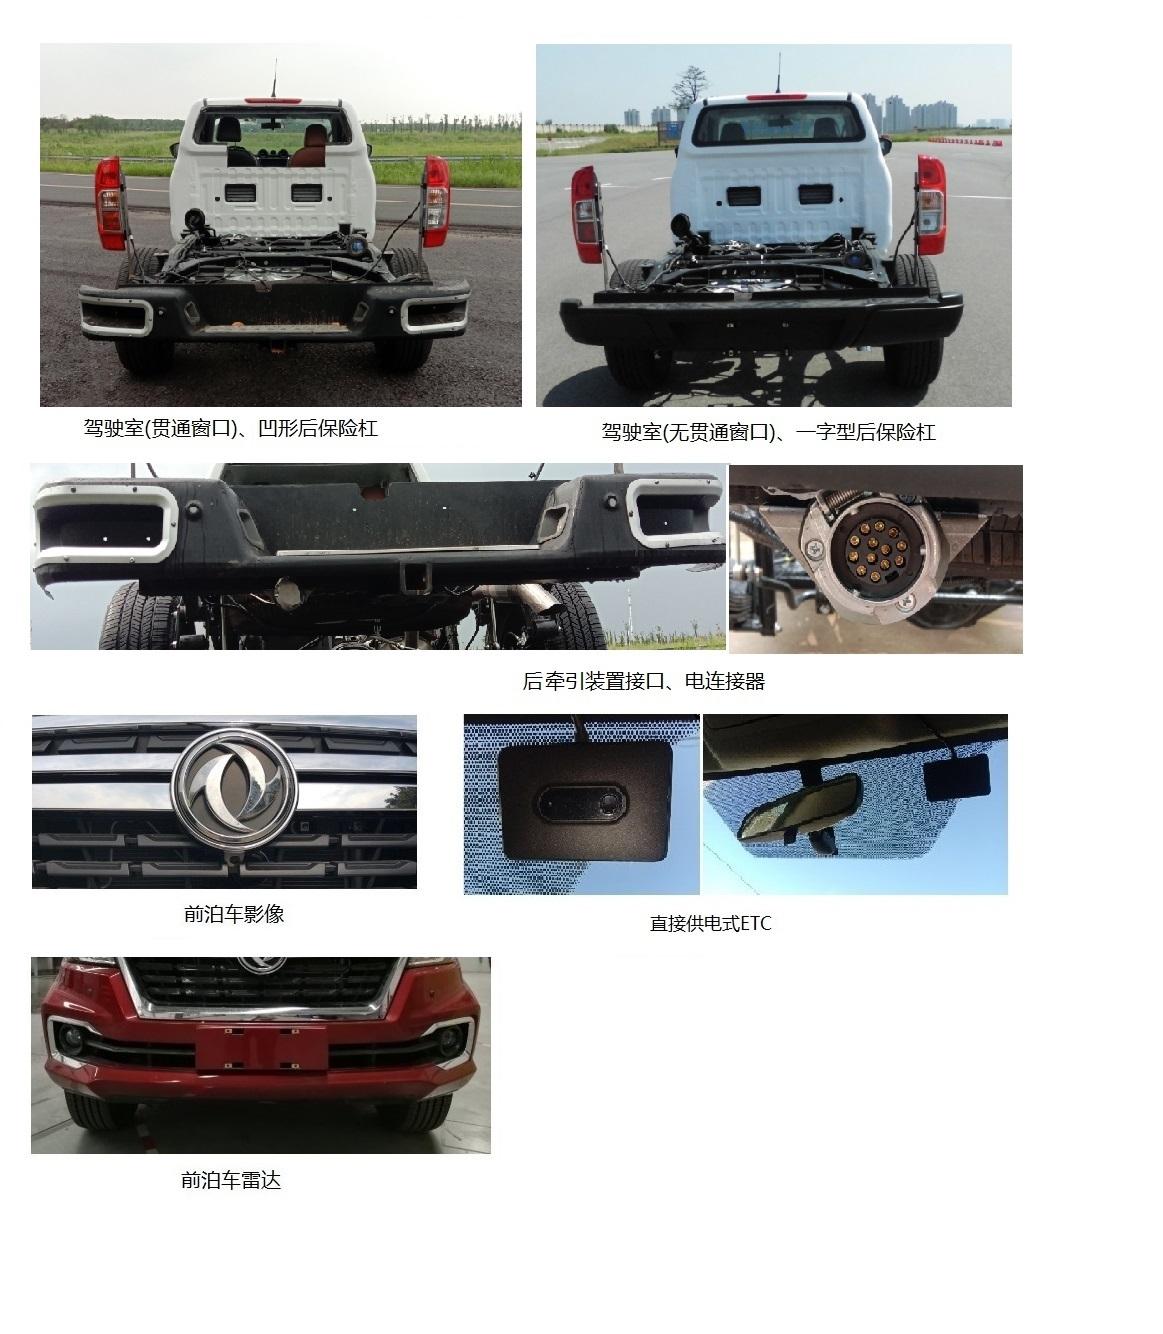 搭载M9T柴油发动机 锐骐6单排皮卡底盘工信部过审